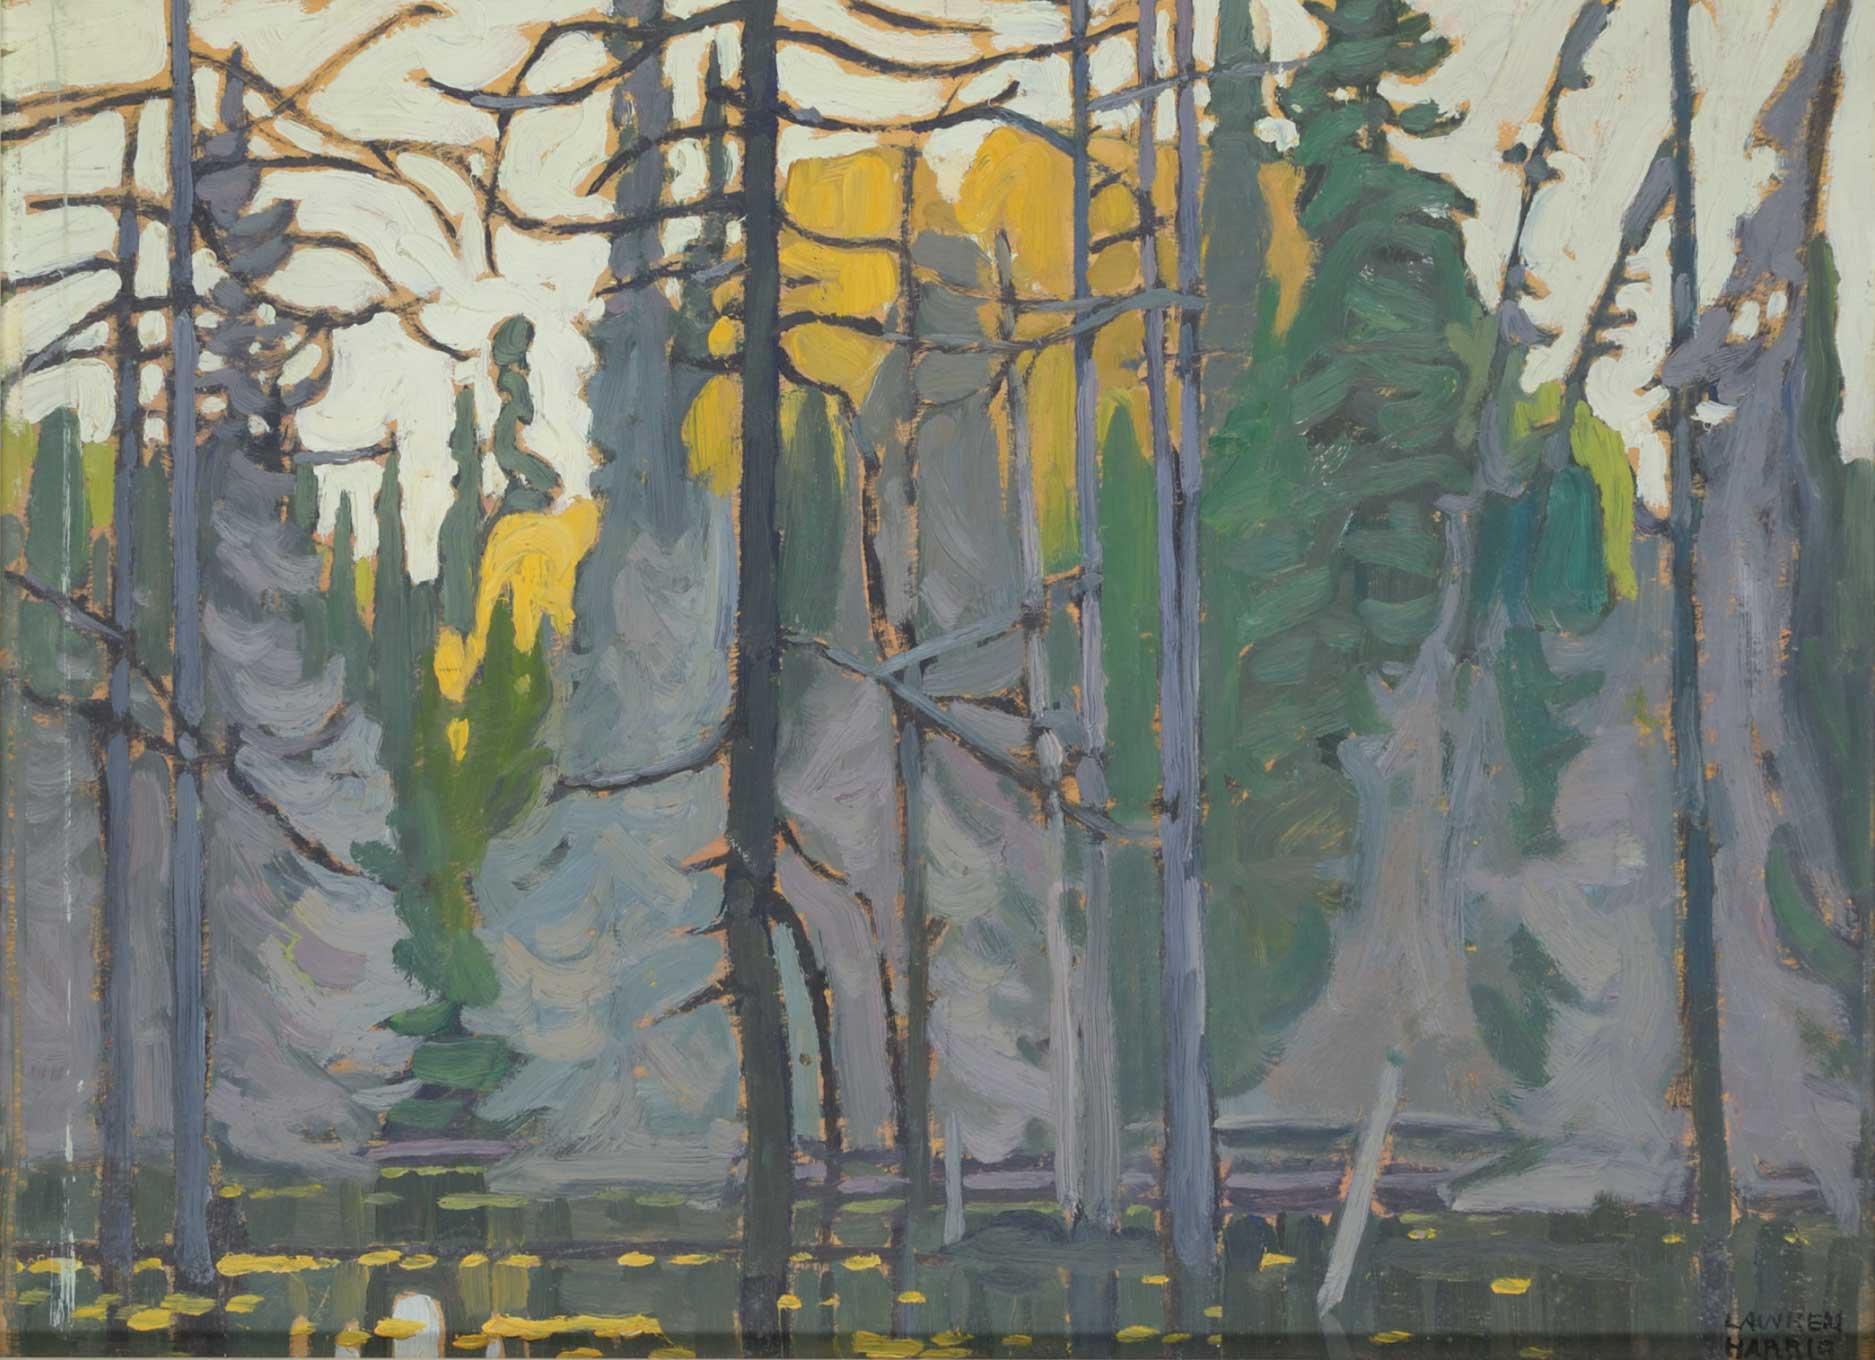 Lawren-S-Harris_Algoma-Sketch-LIV-Beaver-Drowned-Algoma_c.1920